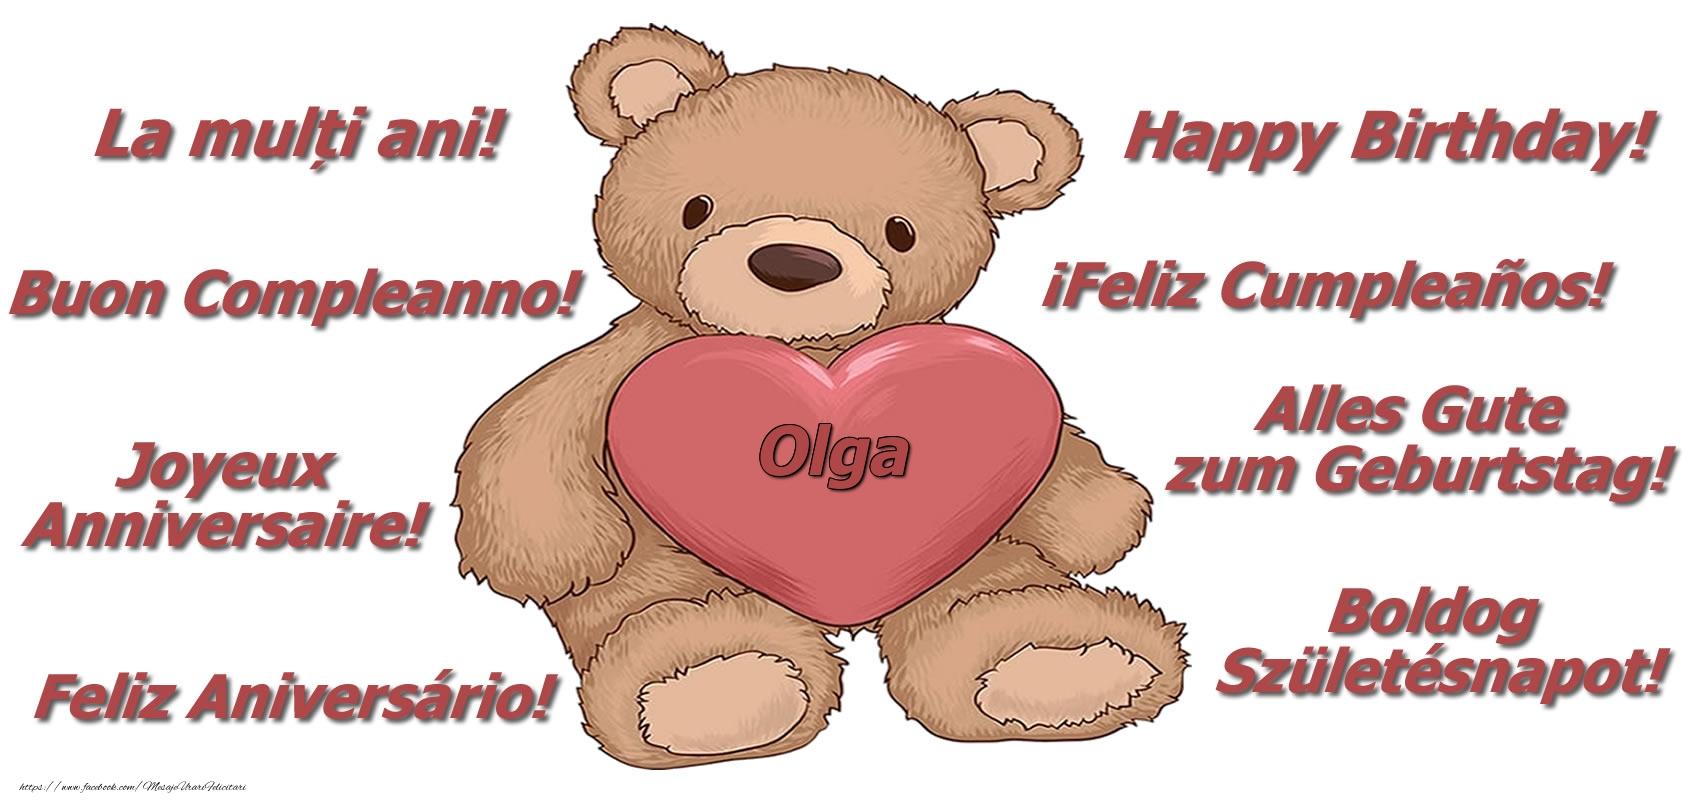 Felicitari de zi de nastere - La multi ani Olga! - Ursulet